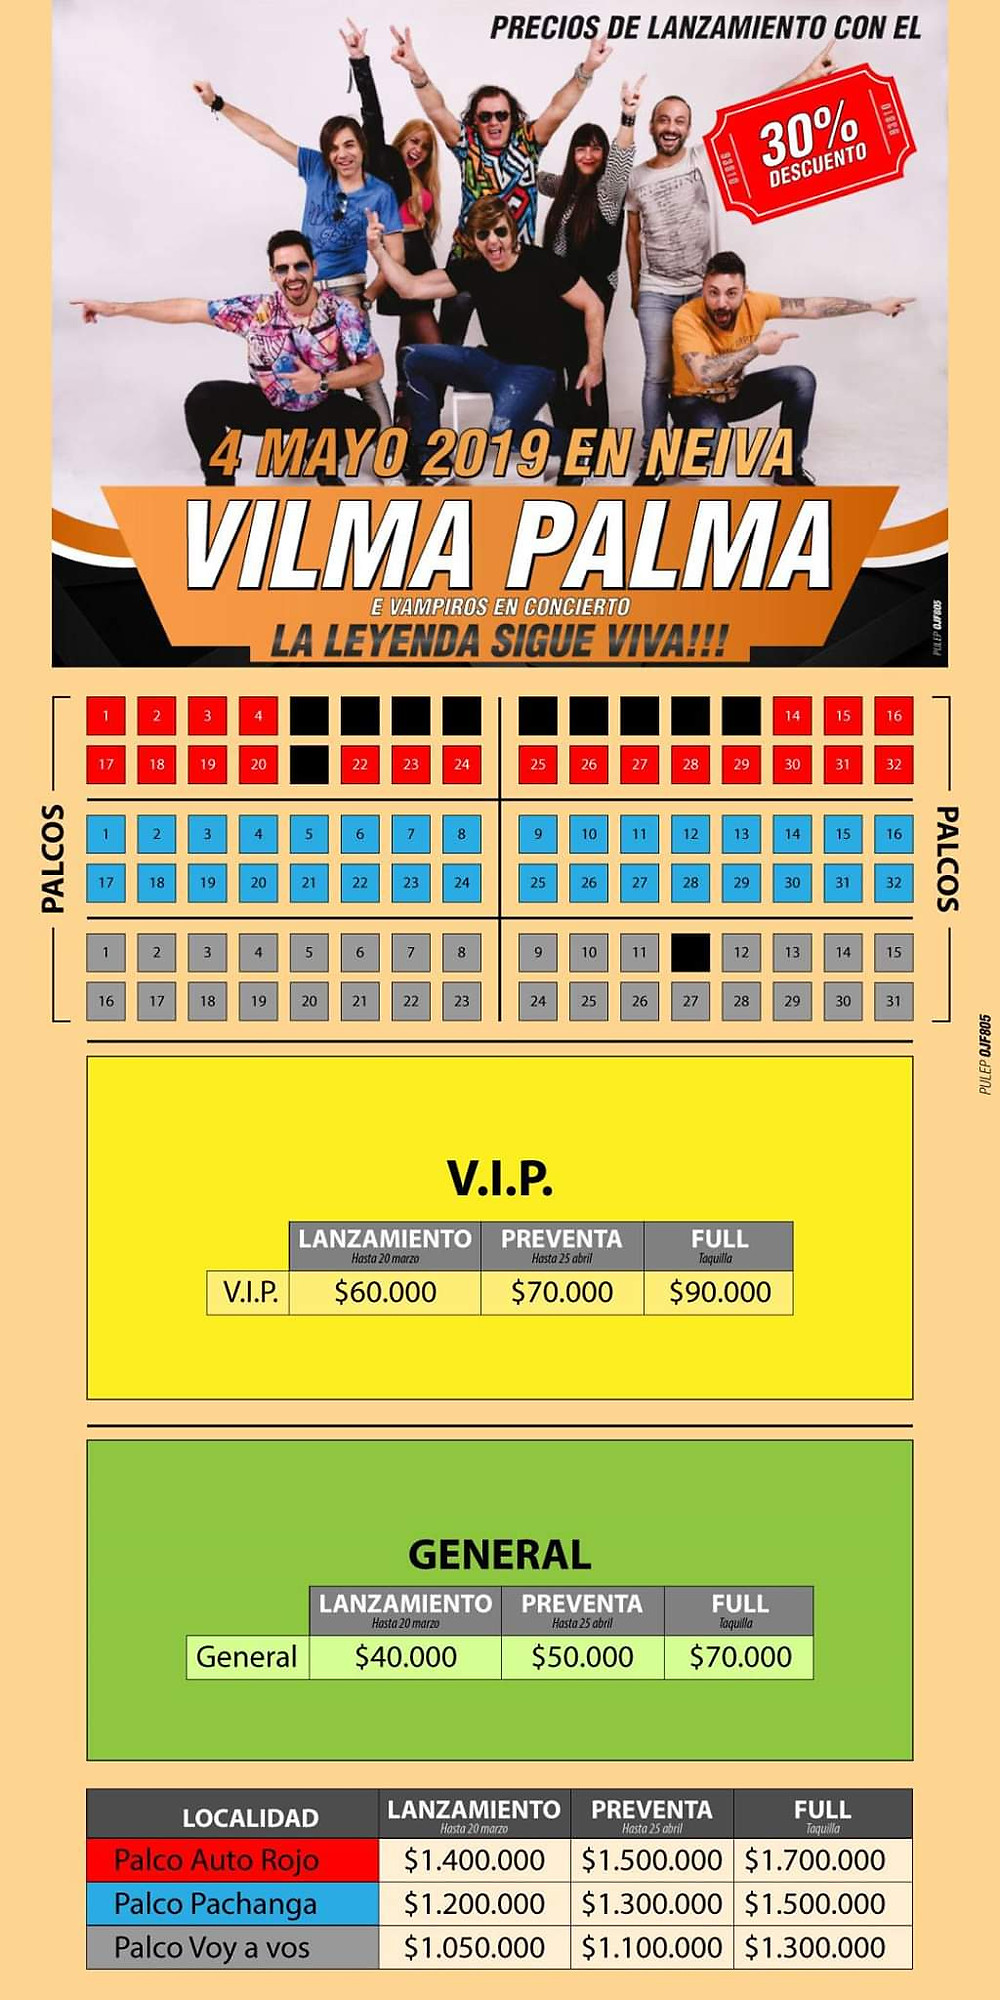 Vilma Palma en Neiva, Colombia 2019